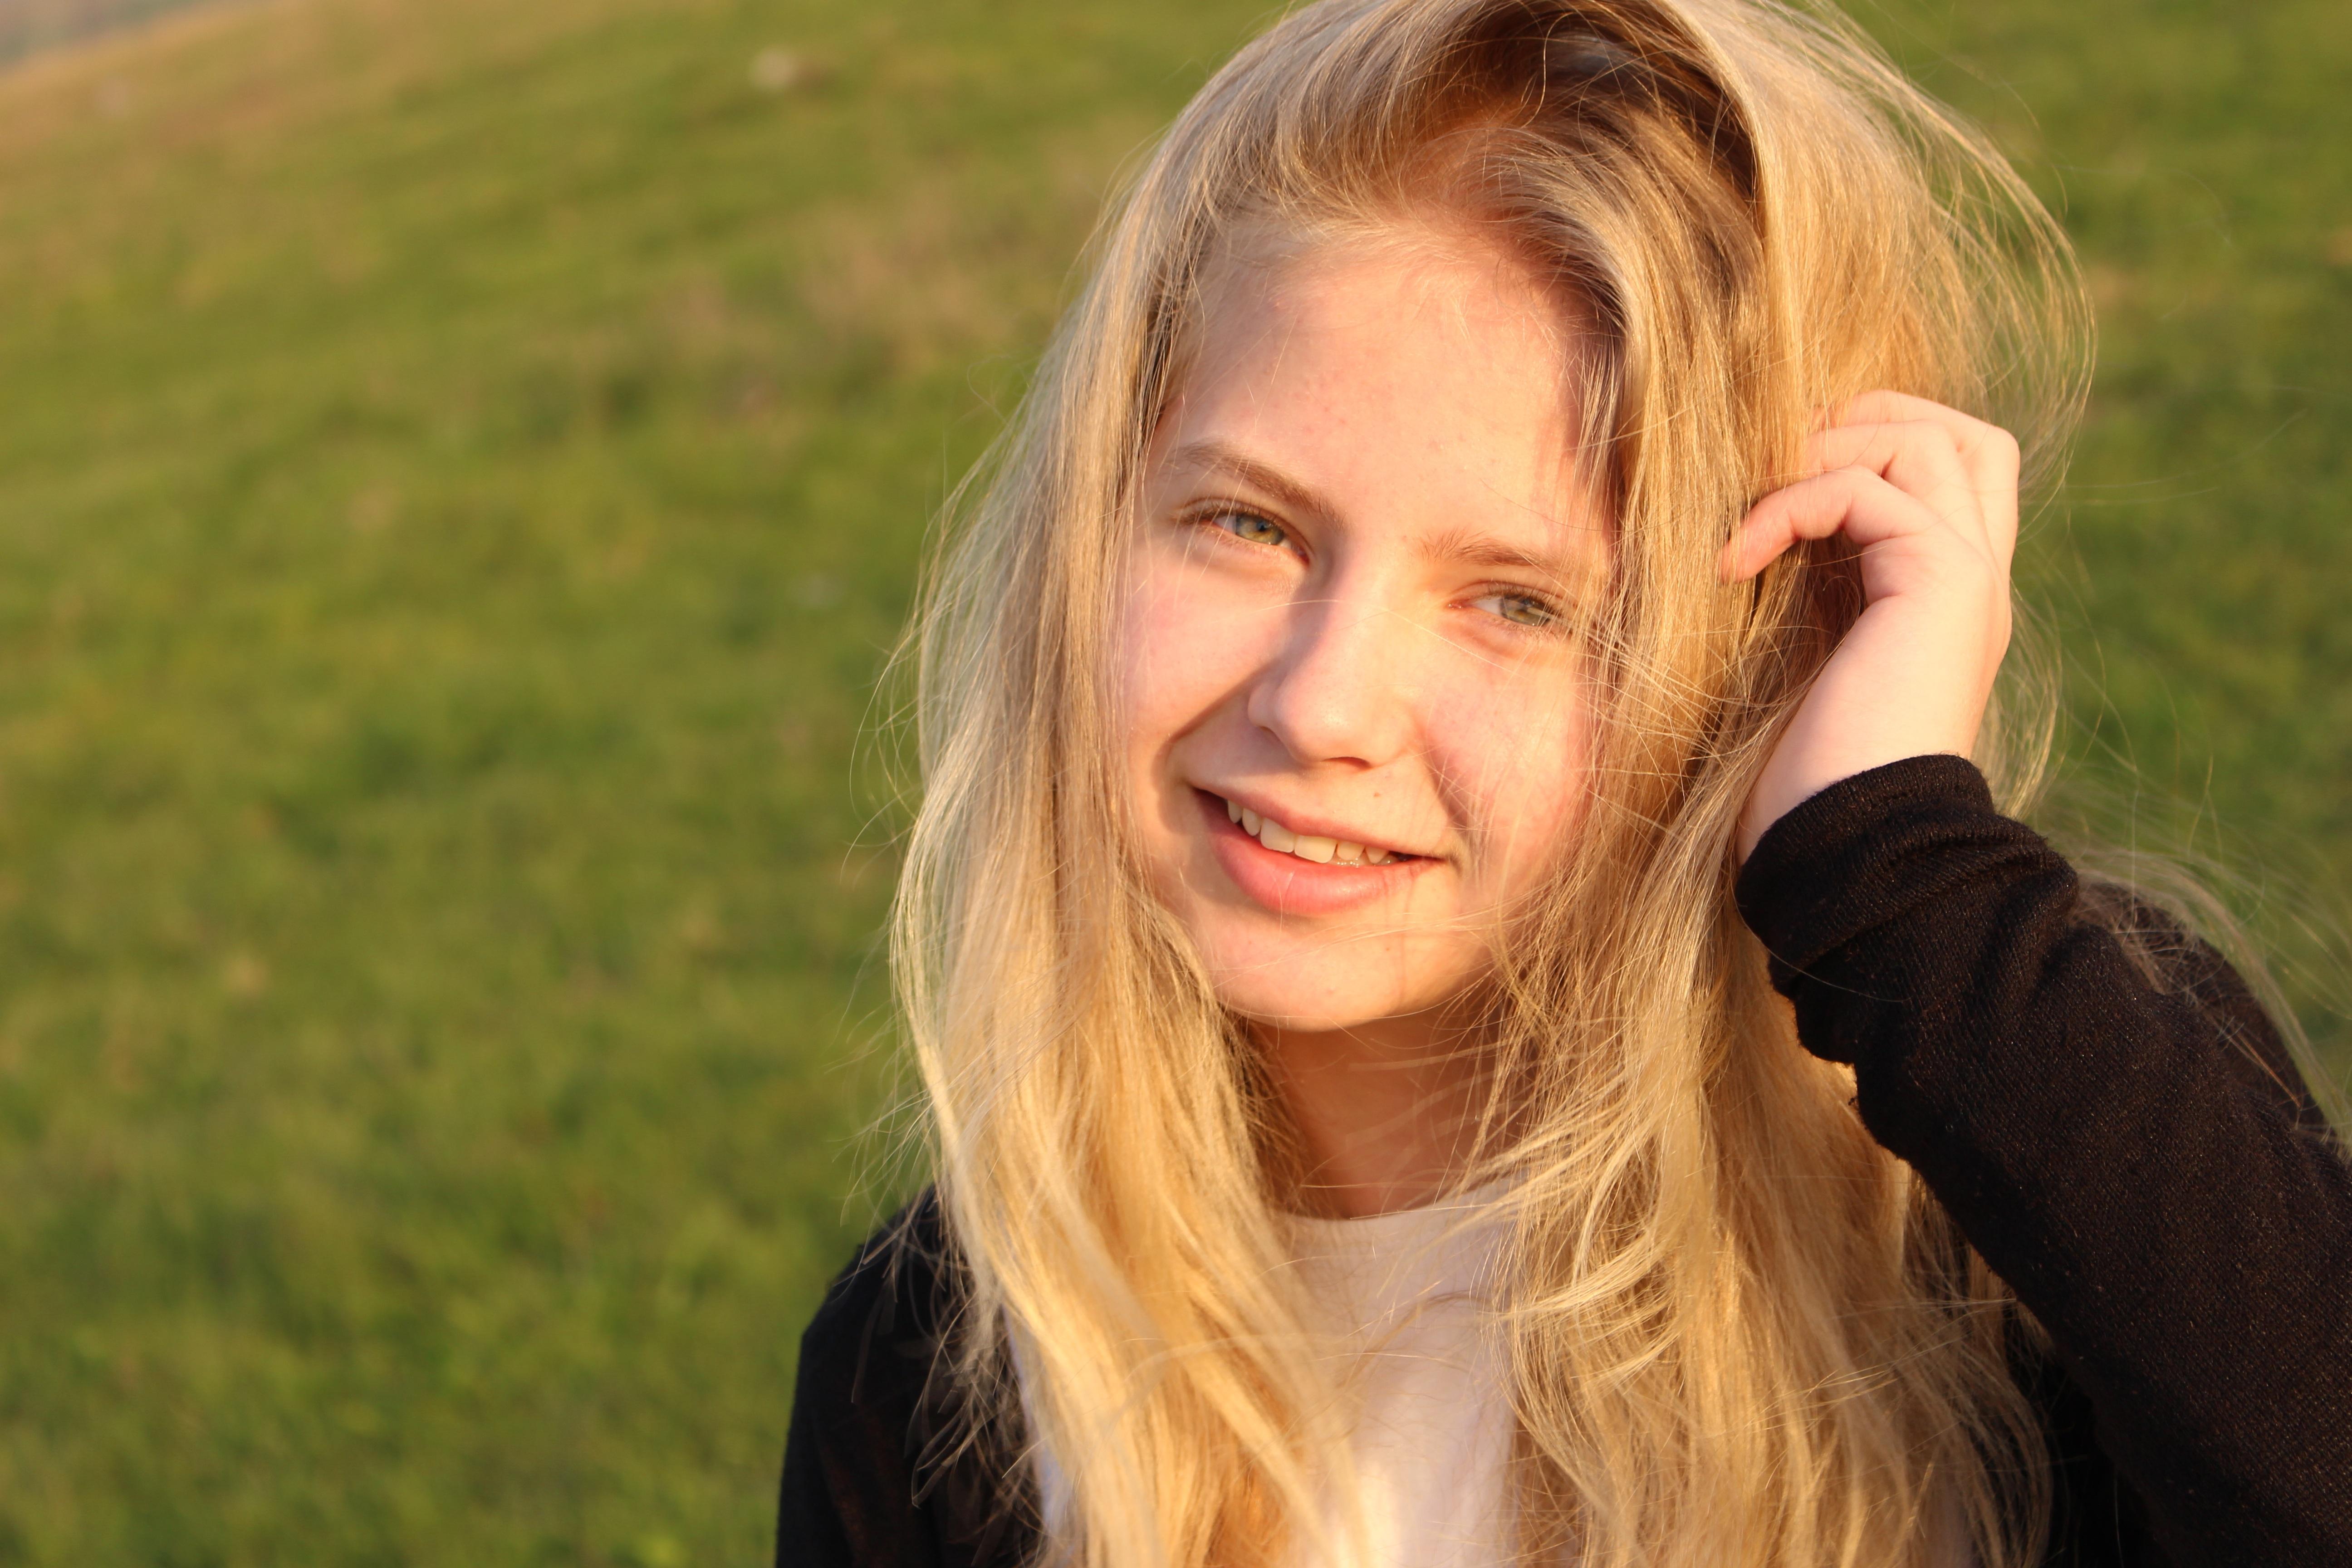 Mädchen braune haare blaue augen Kostenlose foto